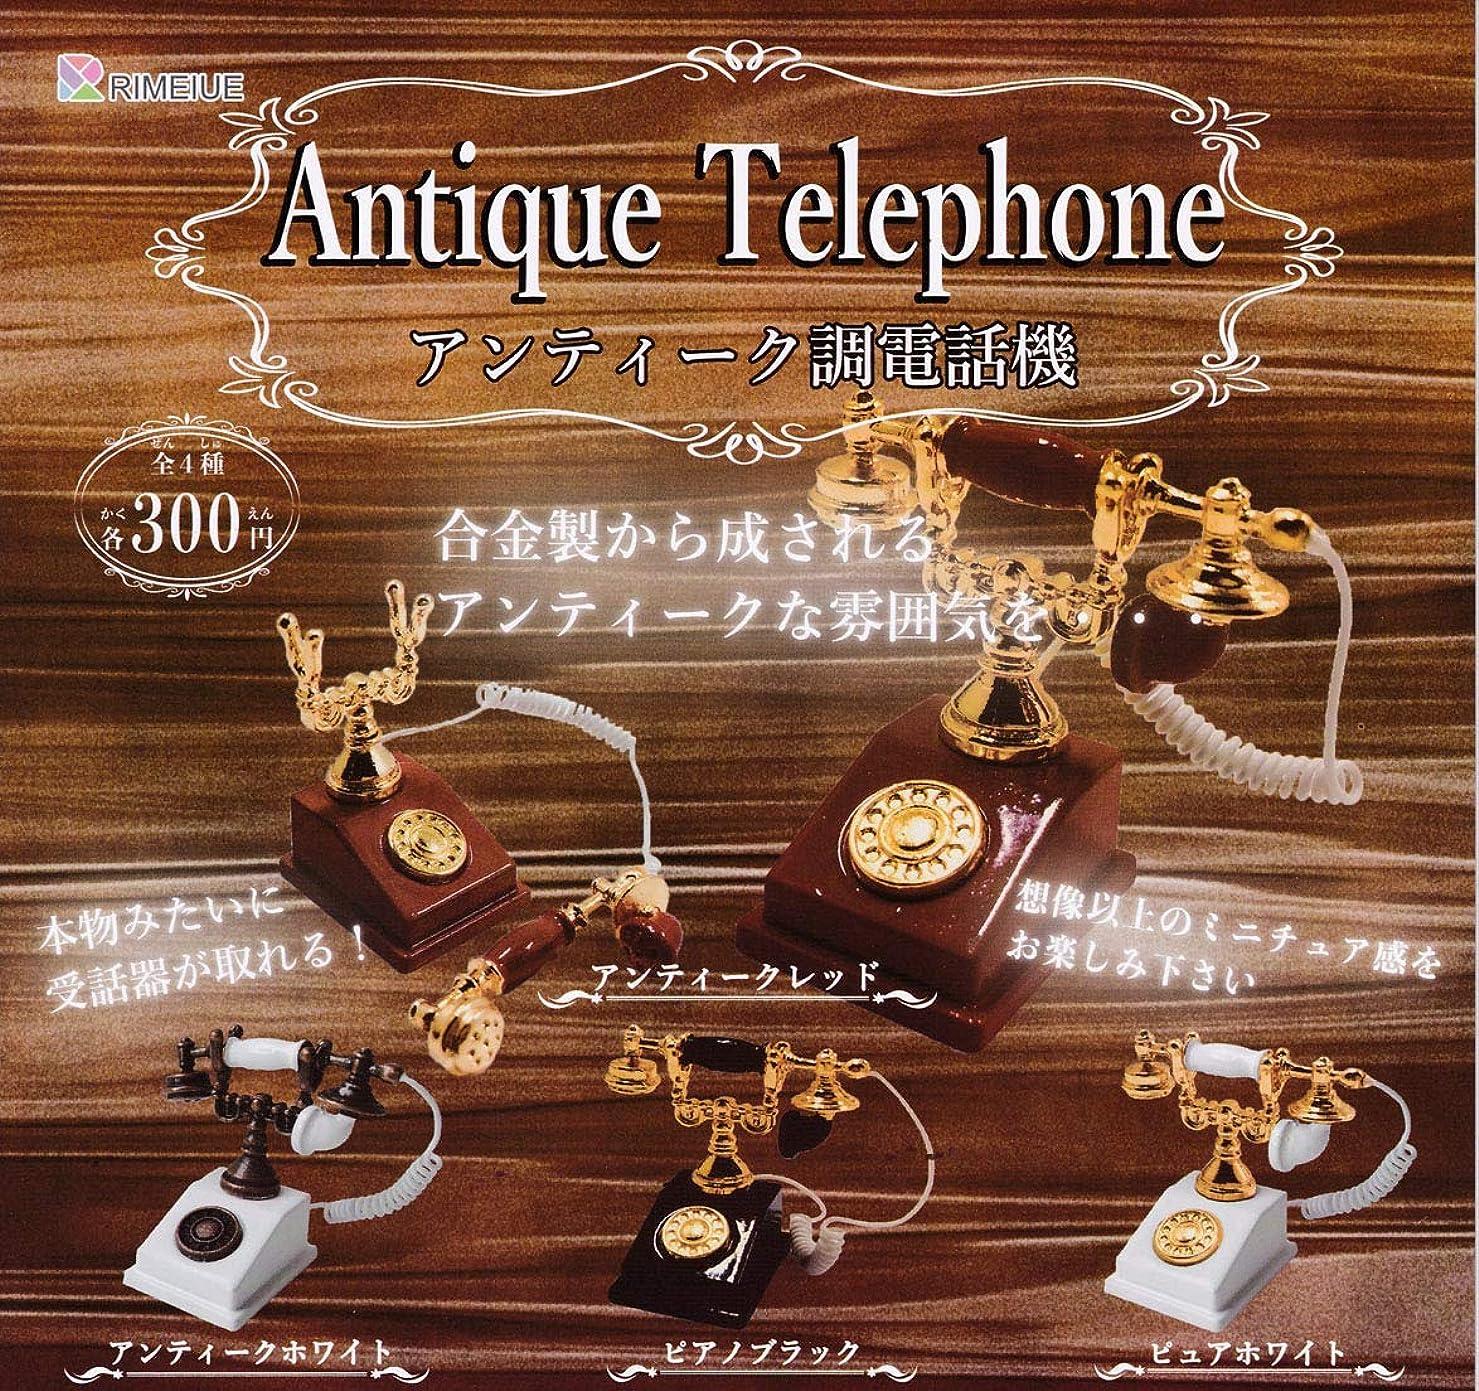 アナログタウポ湖コショウアンティーク調電話機 [全4種セット(フルコンプ)]